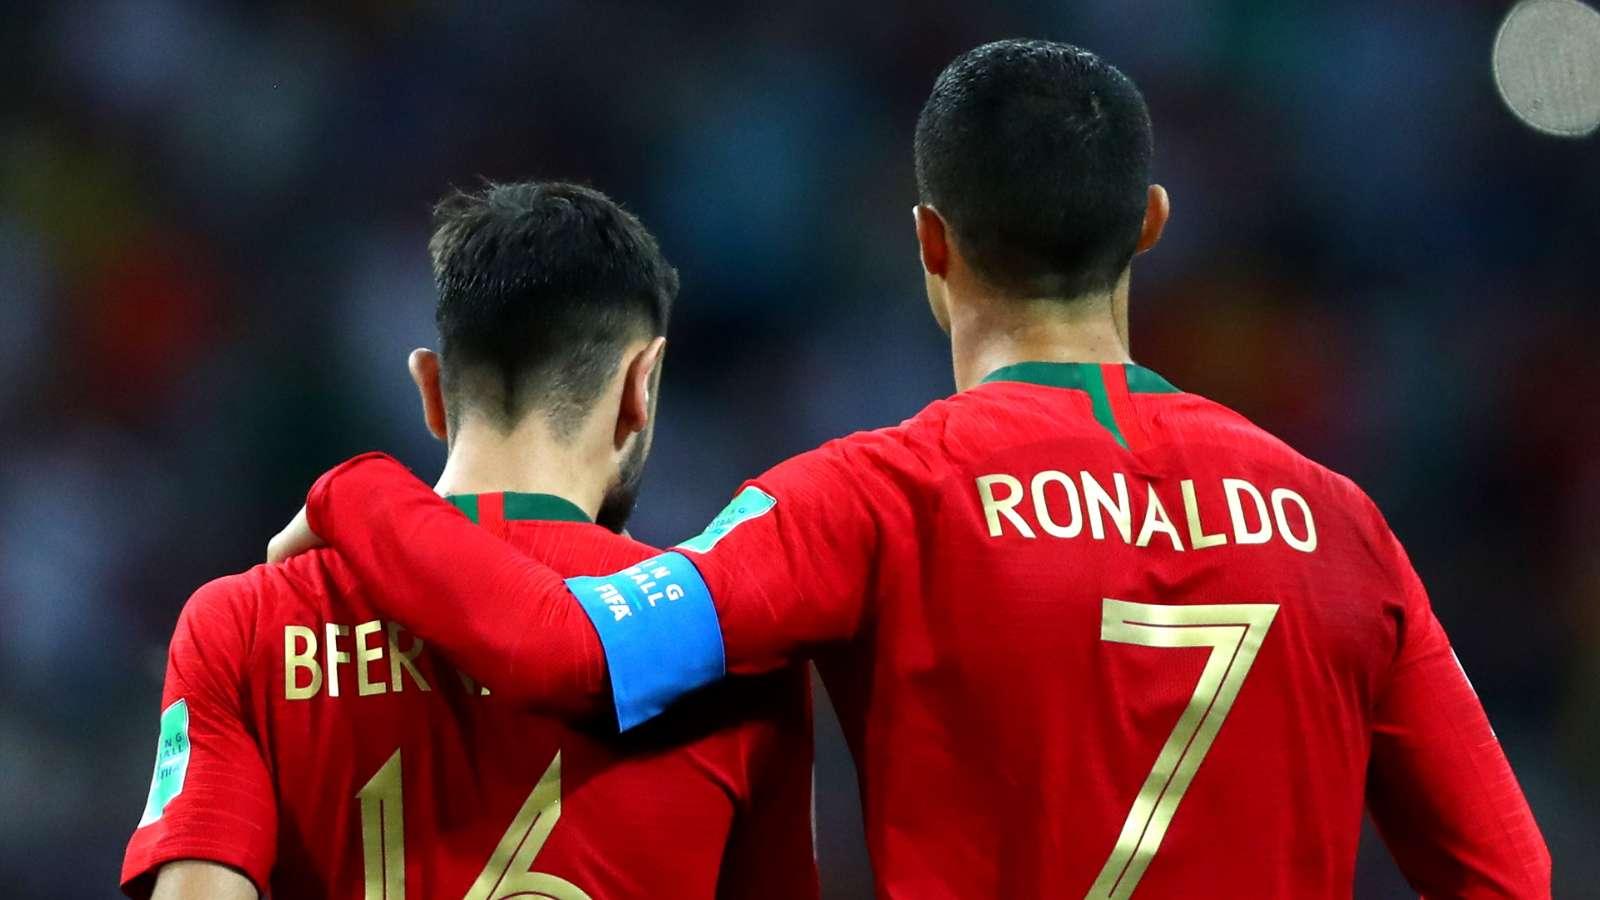 B费:C罗说我在葡萄牙体育踢得不错,他很欢迎我进国家队